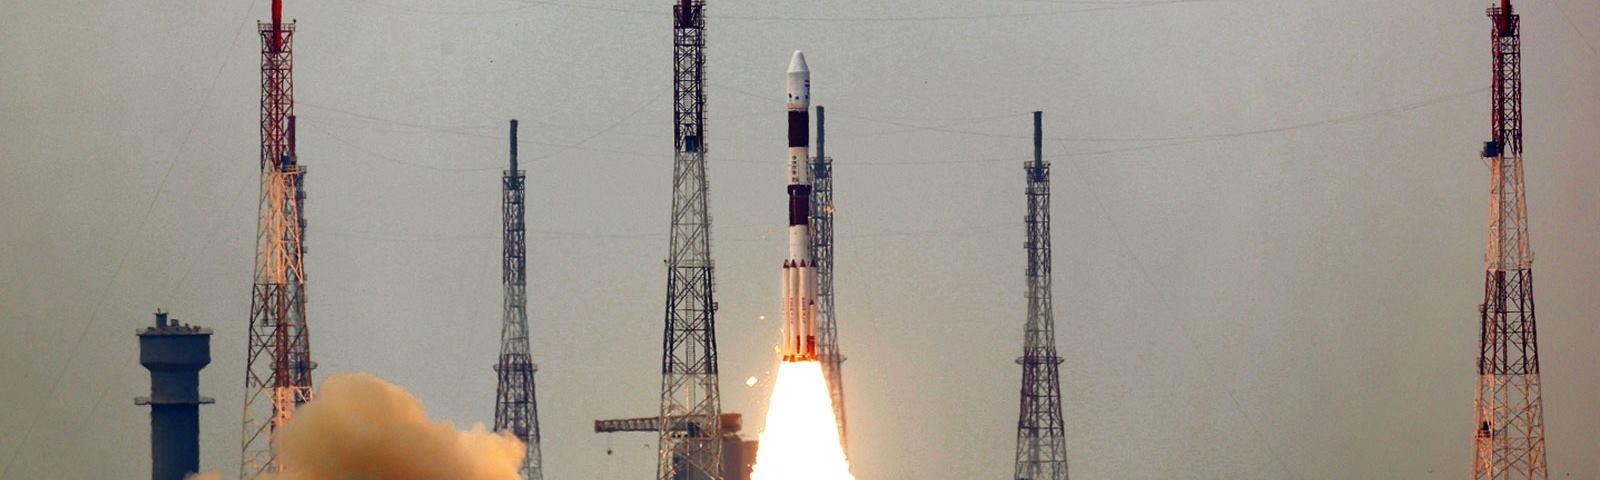 VIDEO: Sve spremno za lansiranje rakete prema Međunarodnoj svemirskoj postaji